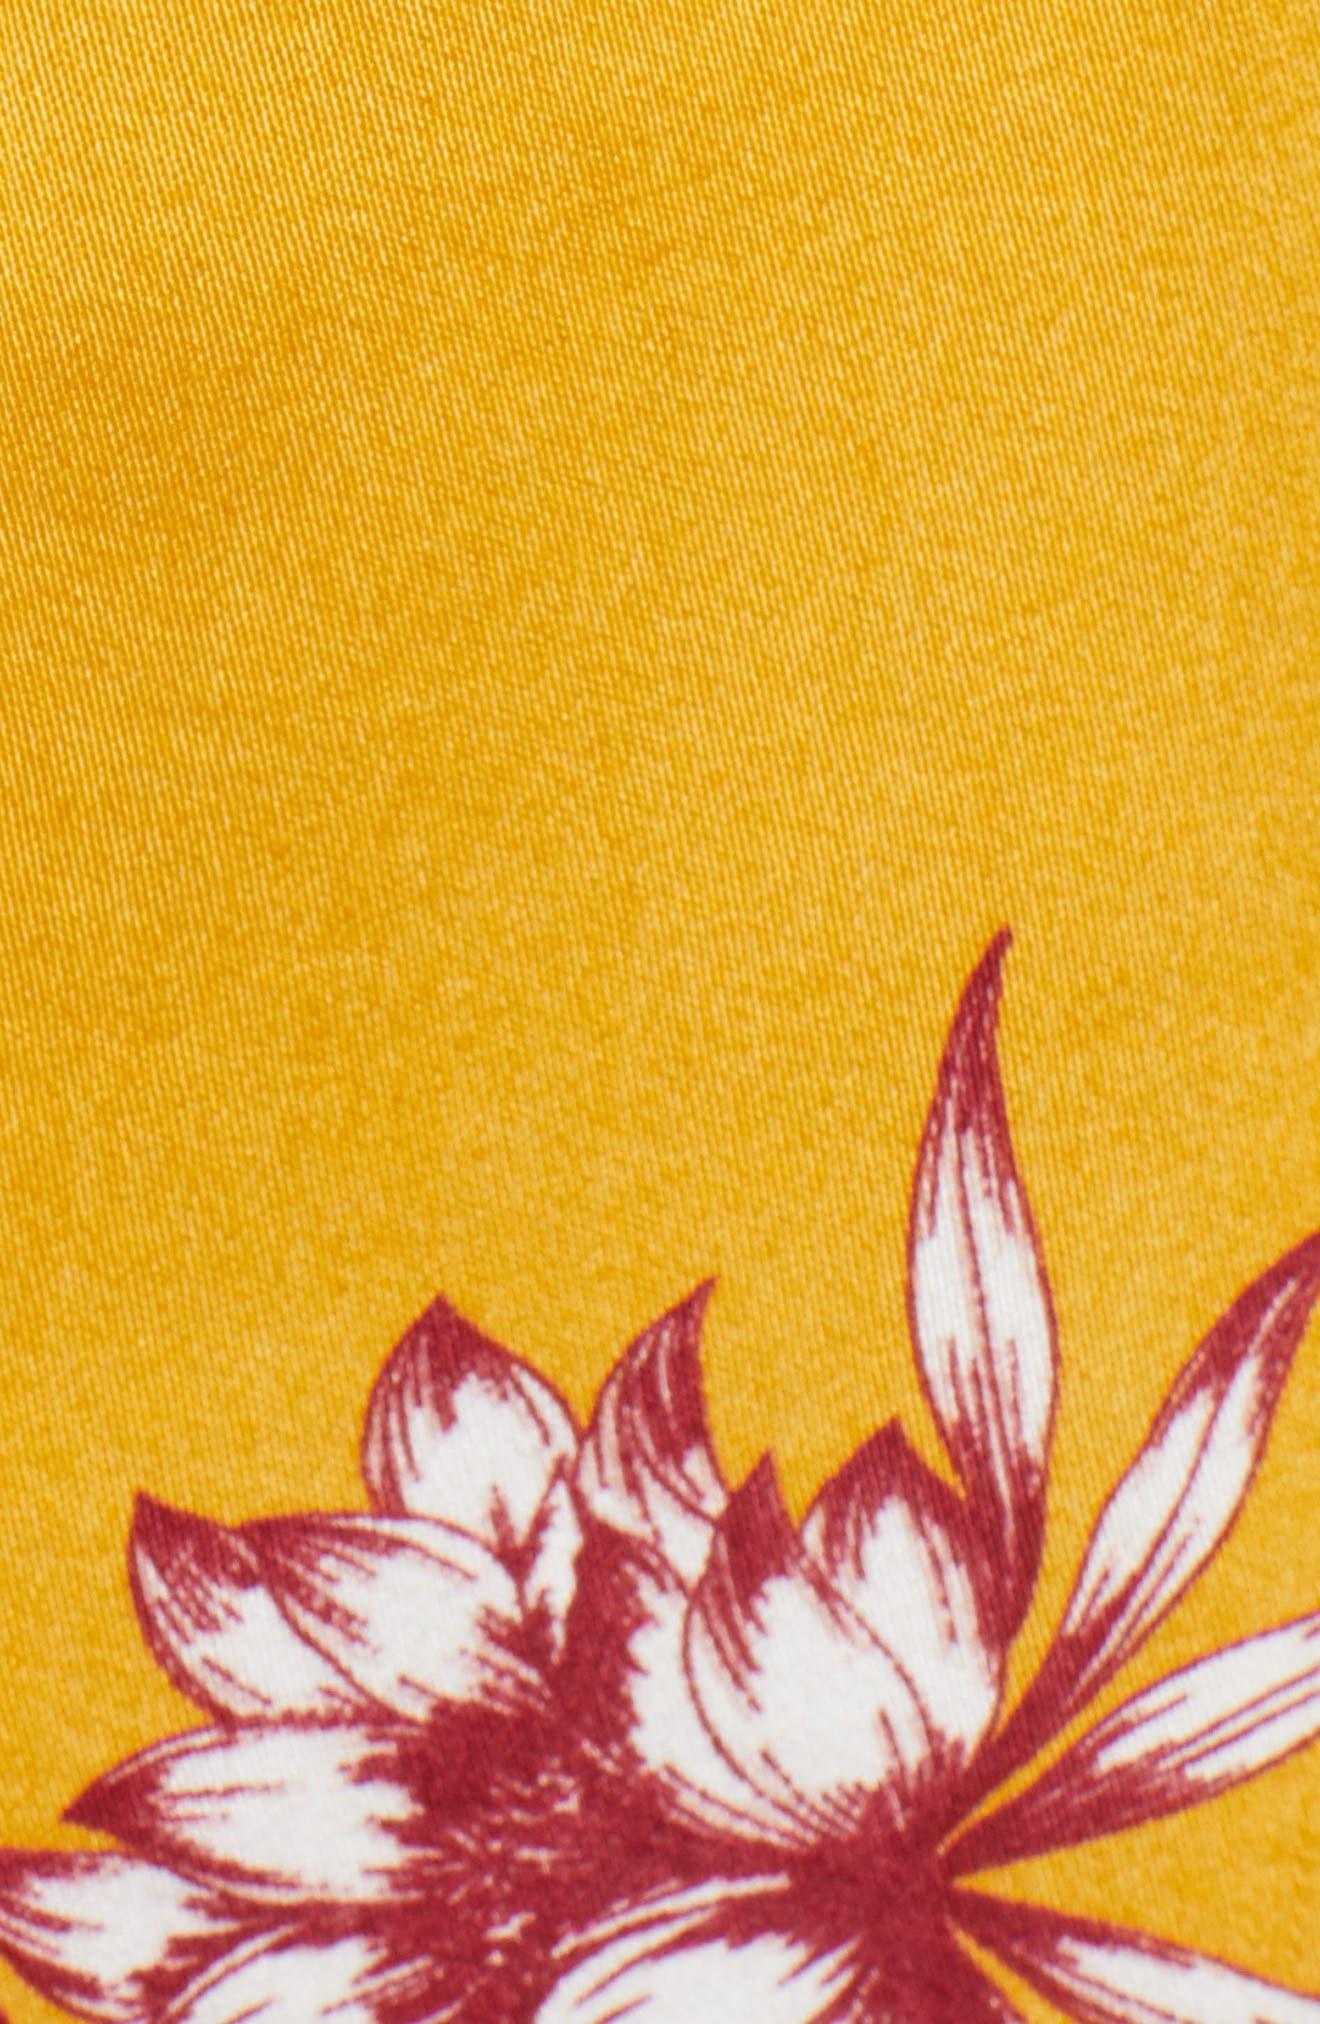 Searing Soul Midi Dress,                             Alternate thumbnail 7, color,                             Multi